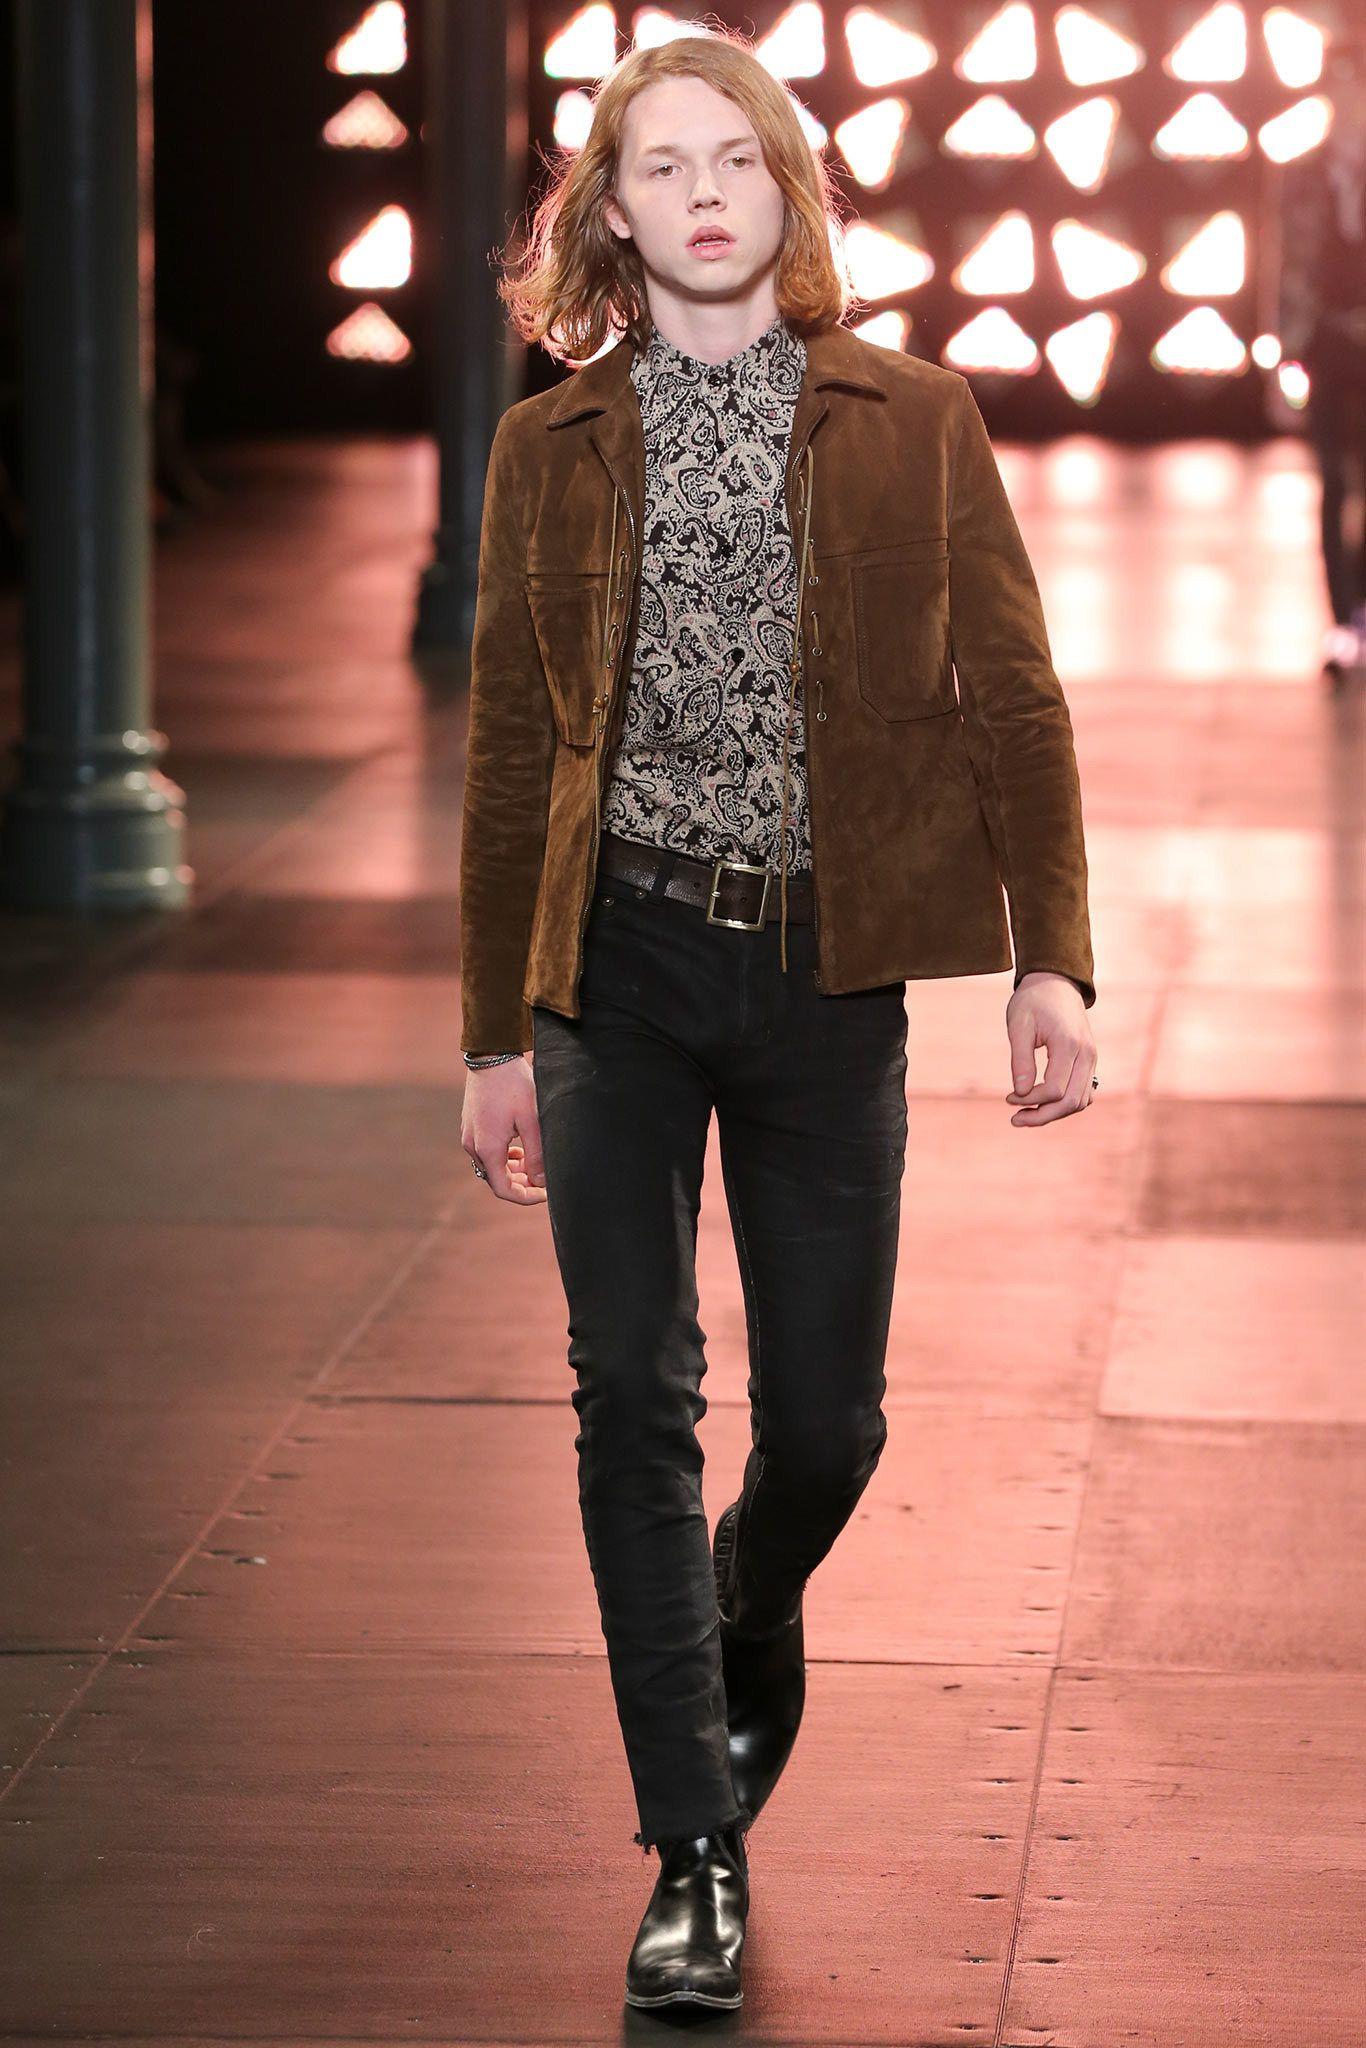 Dress multi how to wear, Skirt Skater street style trend